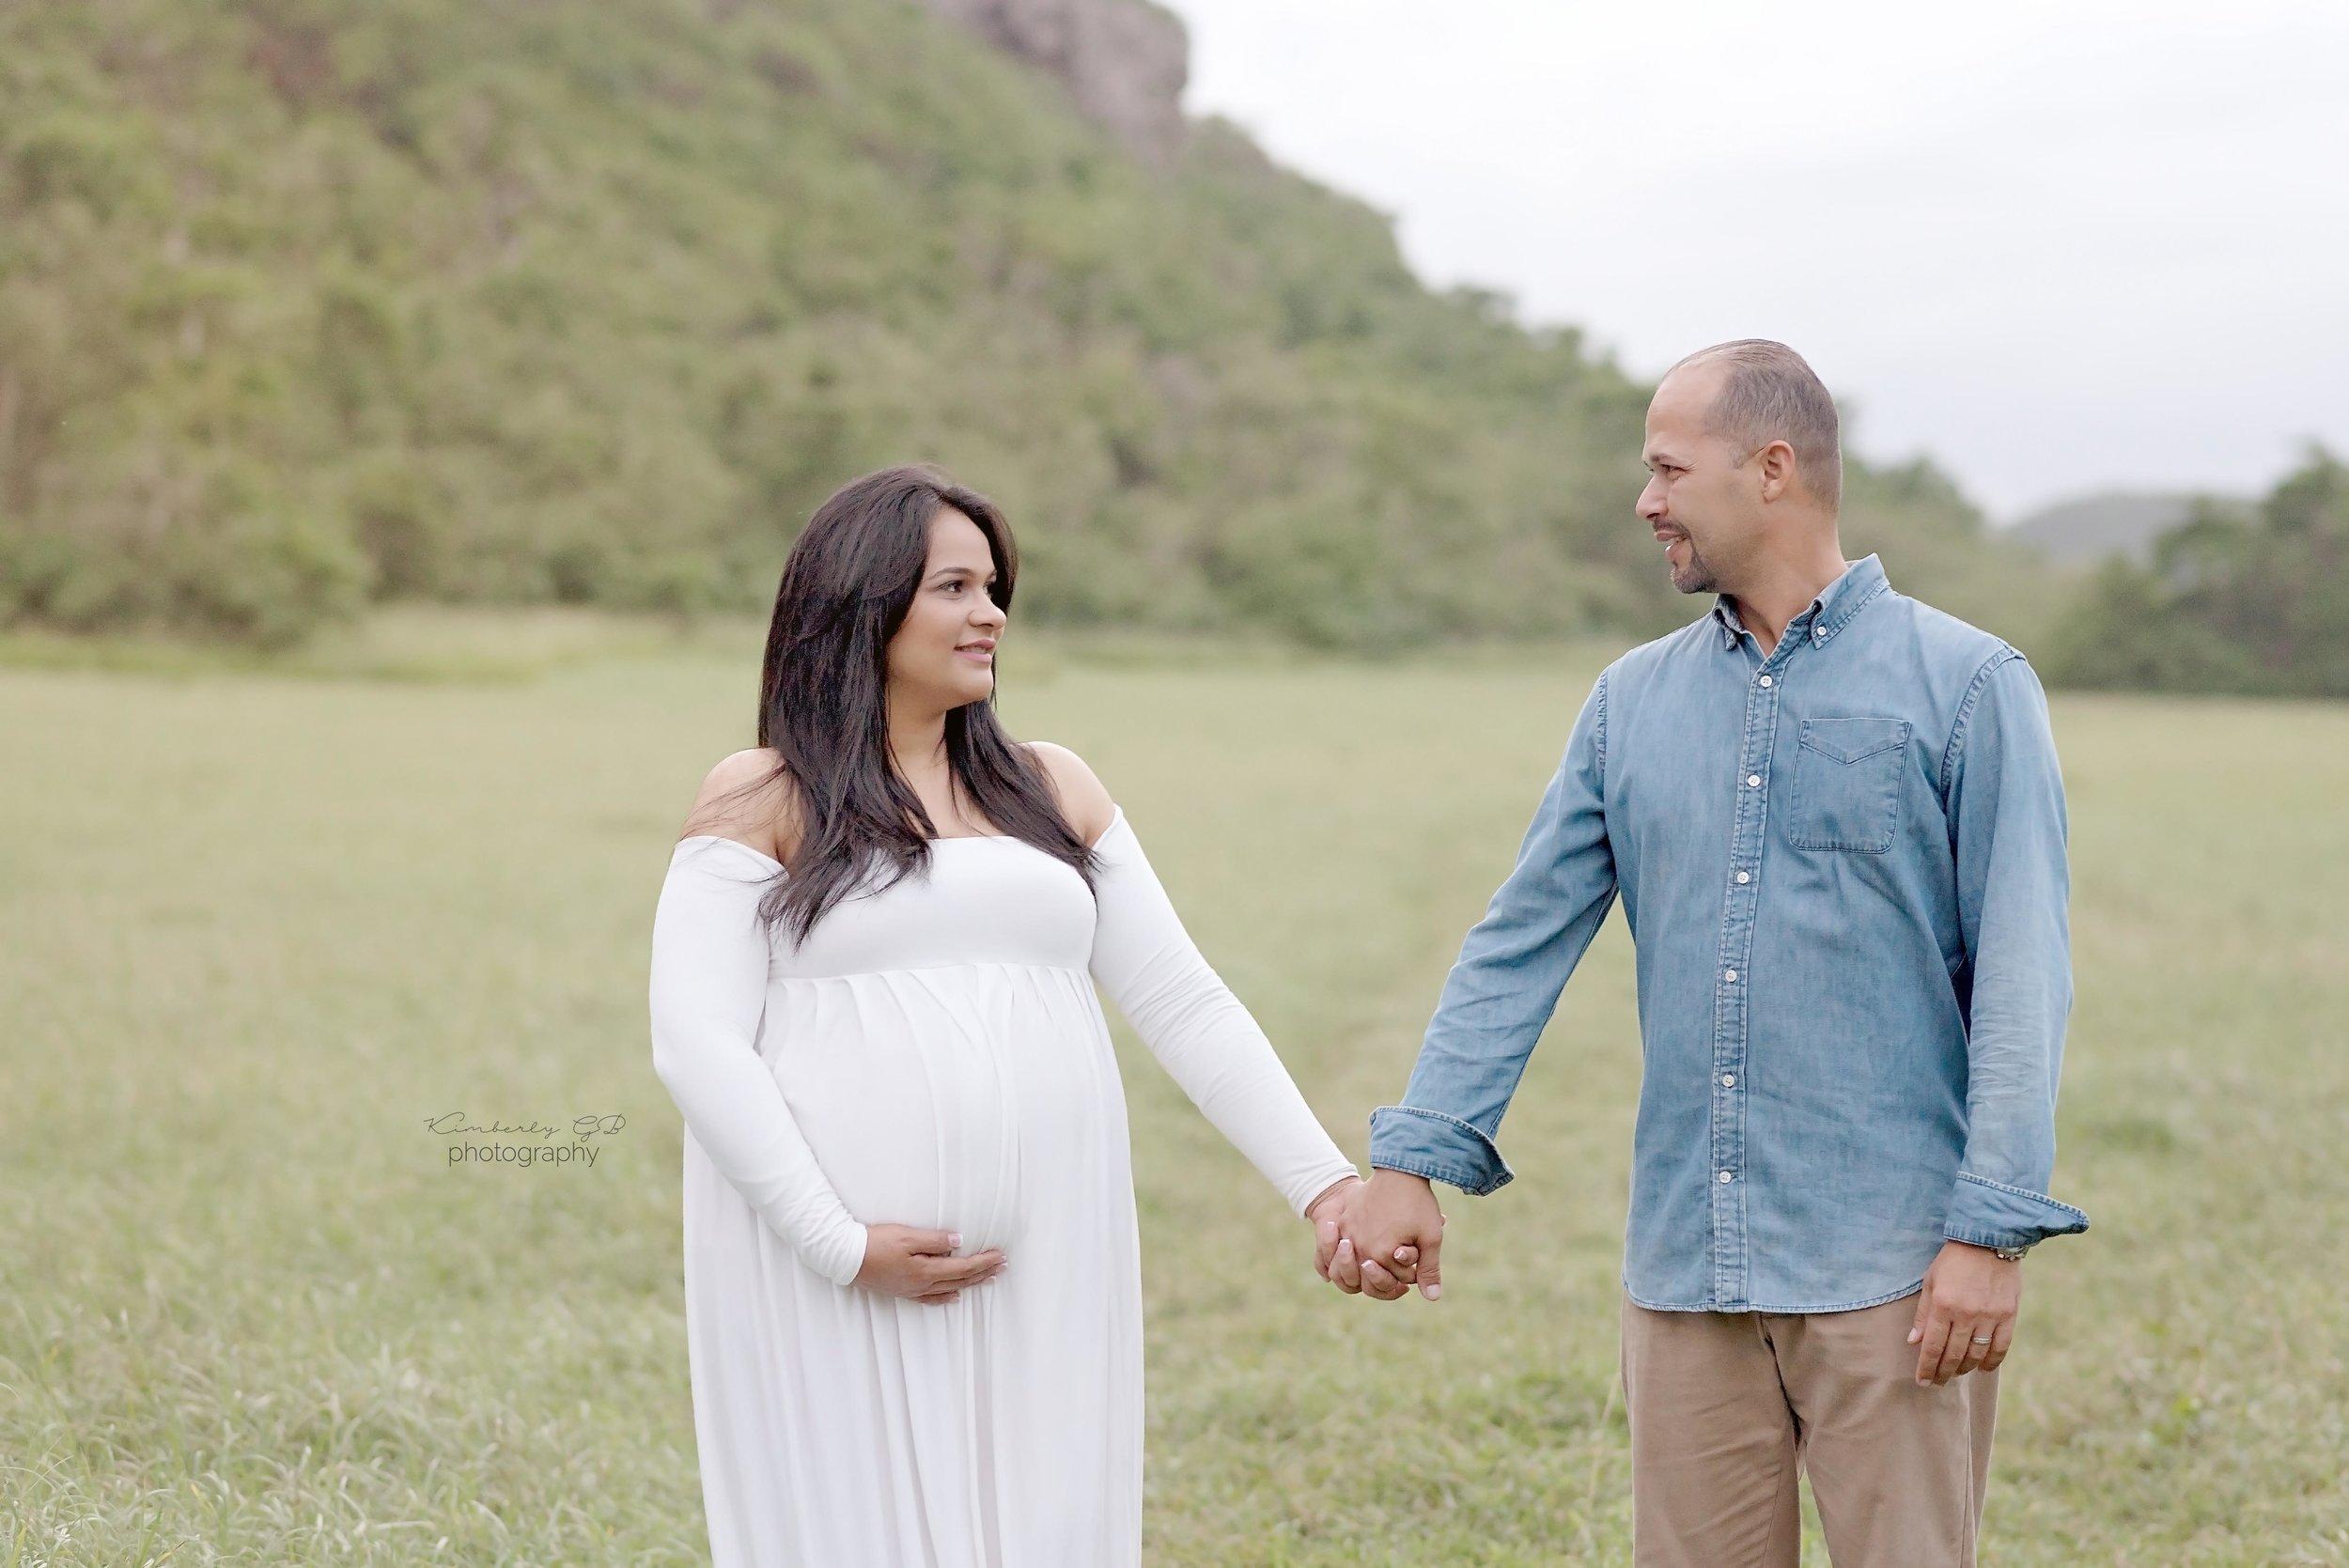 fotografia-fotografa-de-maternidad-embarazo-embarazada-en-puerto-rico-fotografia-57.jpg